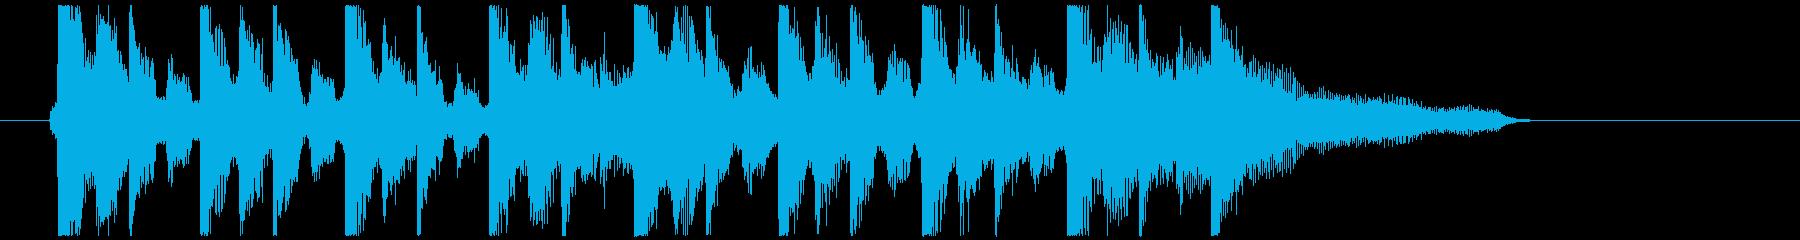 アコギ主体の爽やかCM風の再生済みの波形